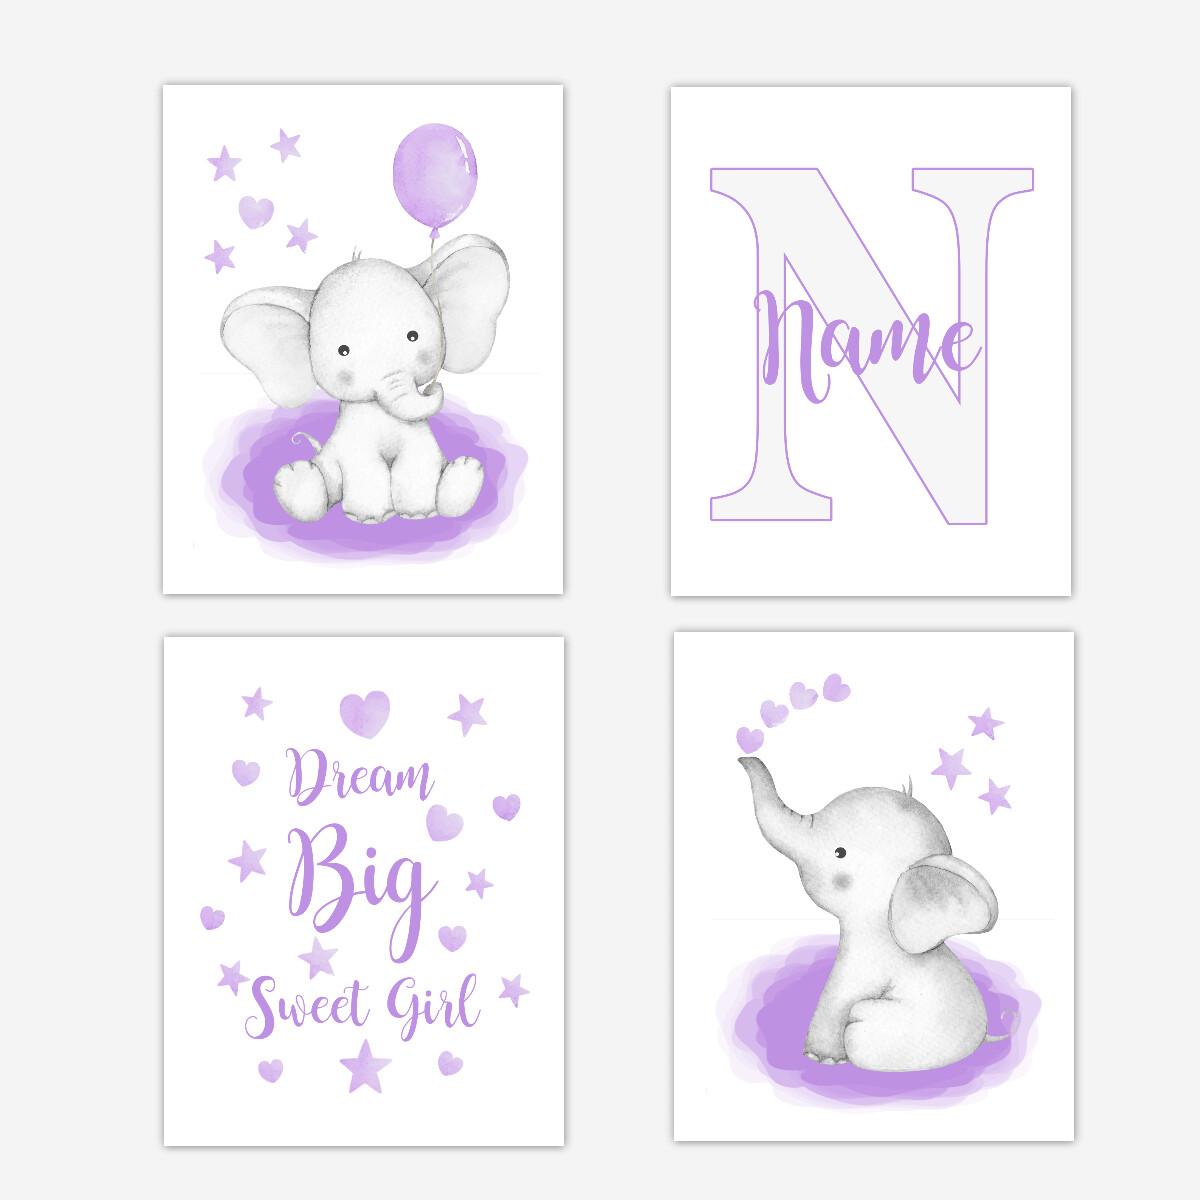 Watercolor Purple Elephants Baby Girl Nursery Art Wall Decor 4 UNFRAMED PRINTS or CANVAS